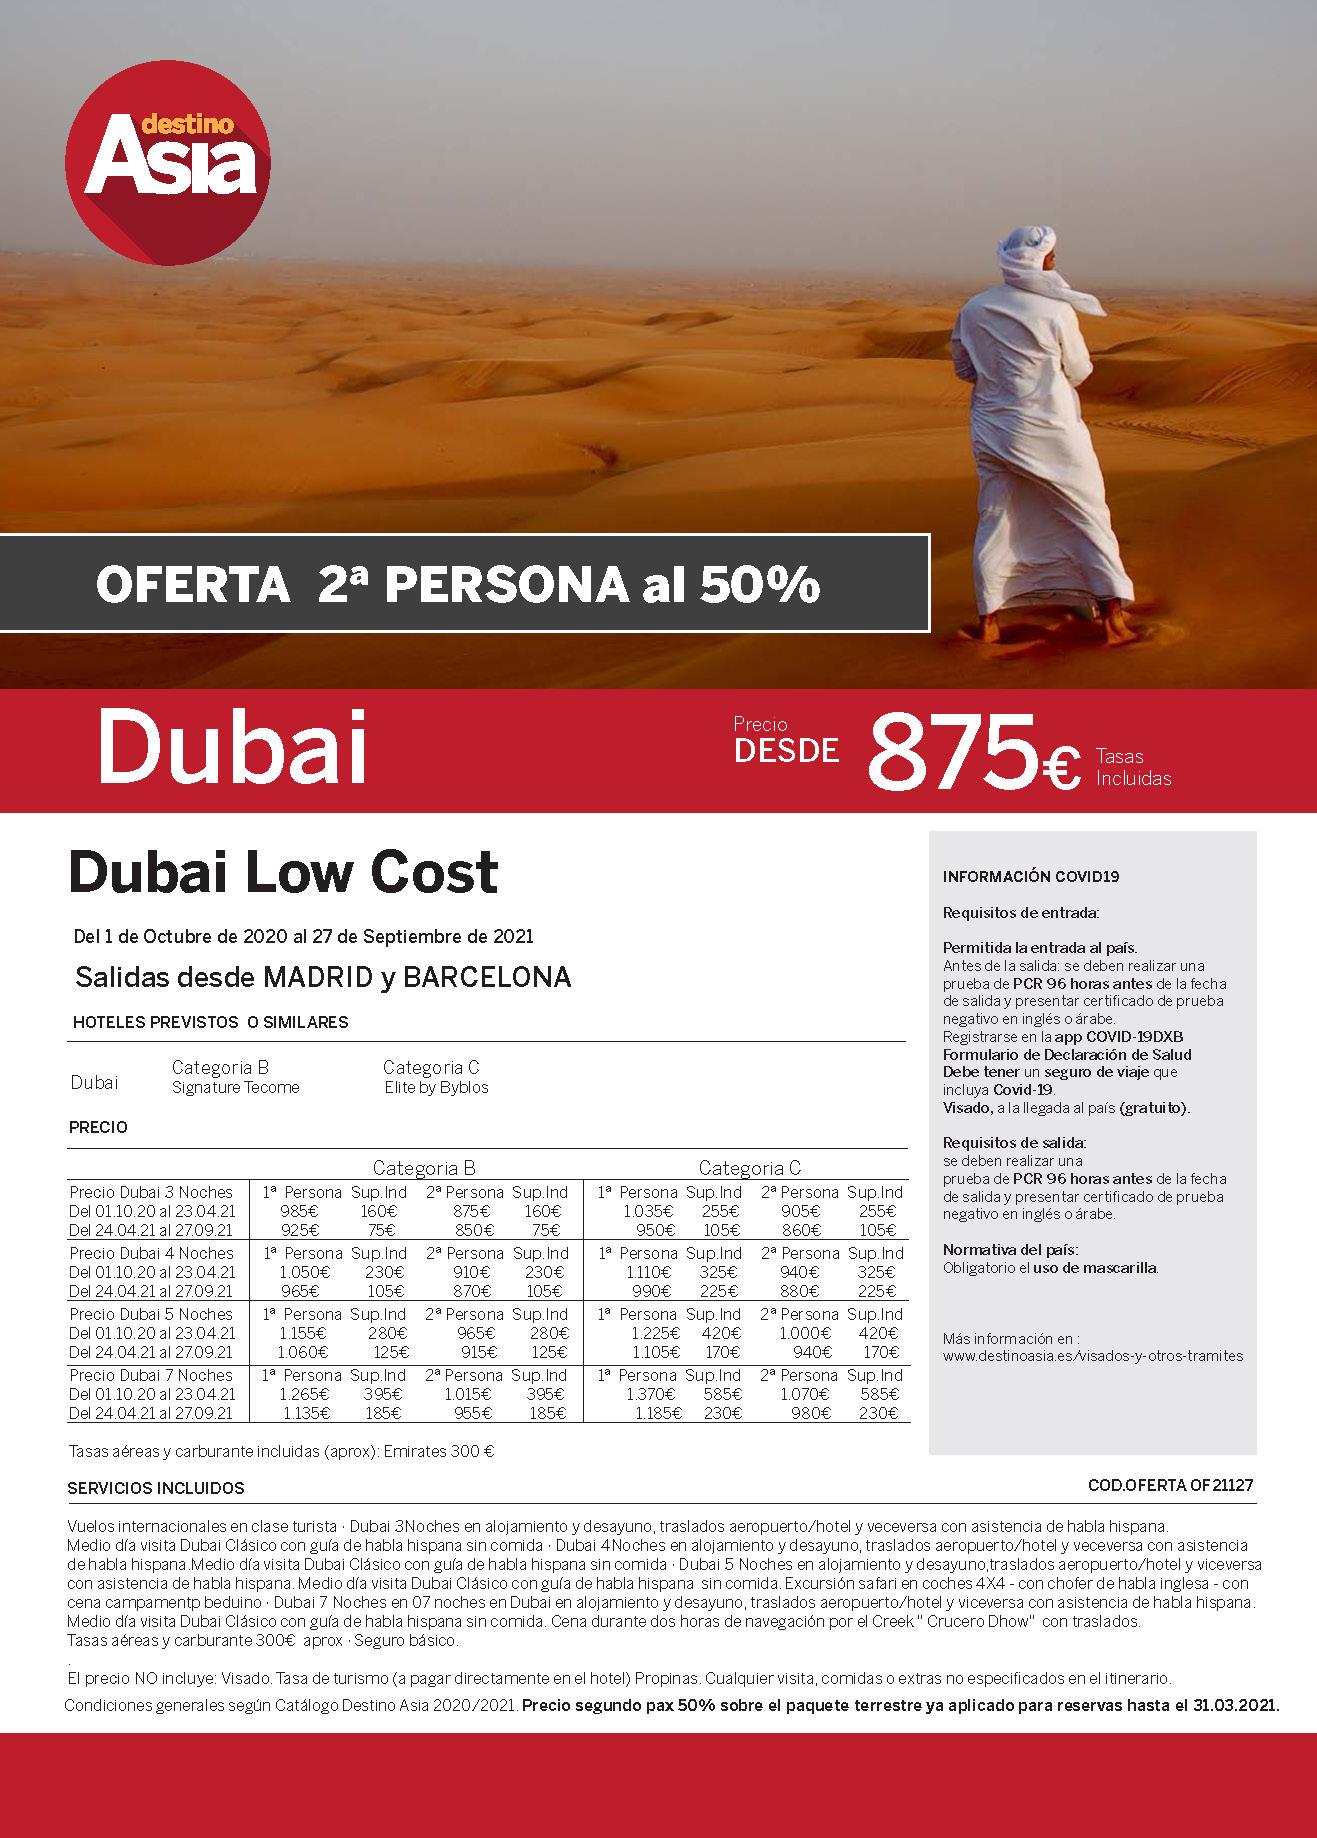 Oferta Destino Asia Dubai Low Cost 2021